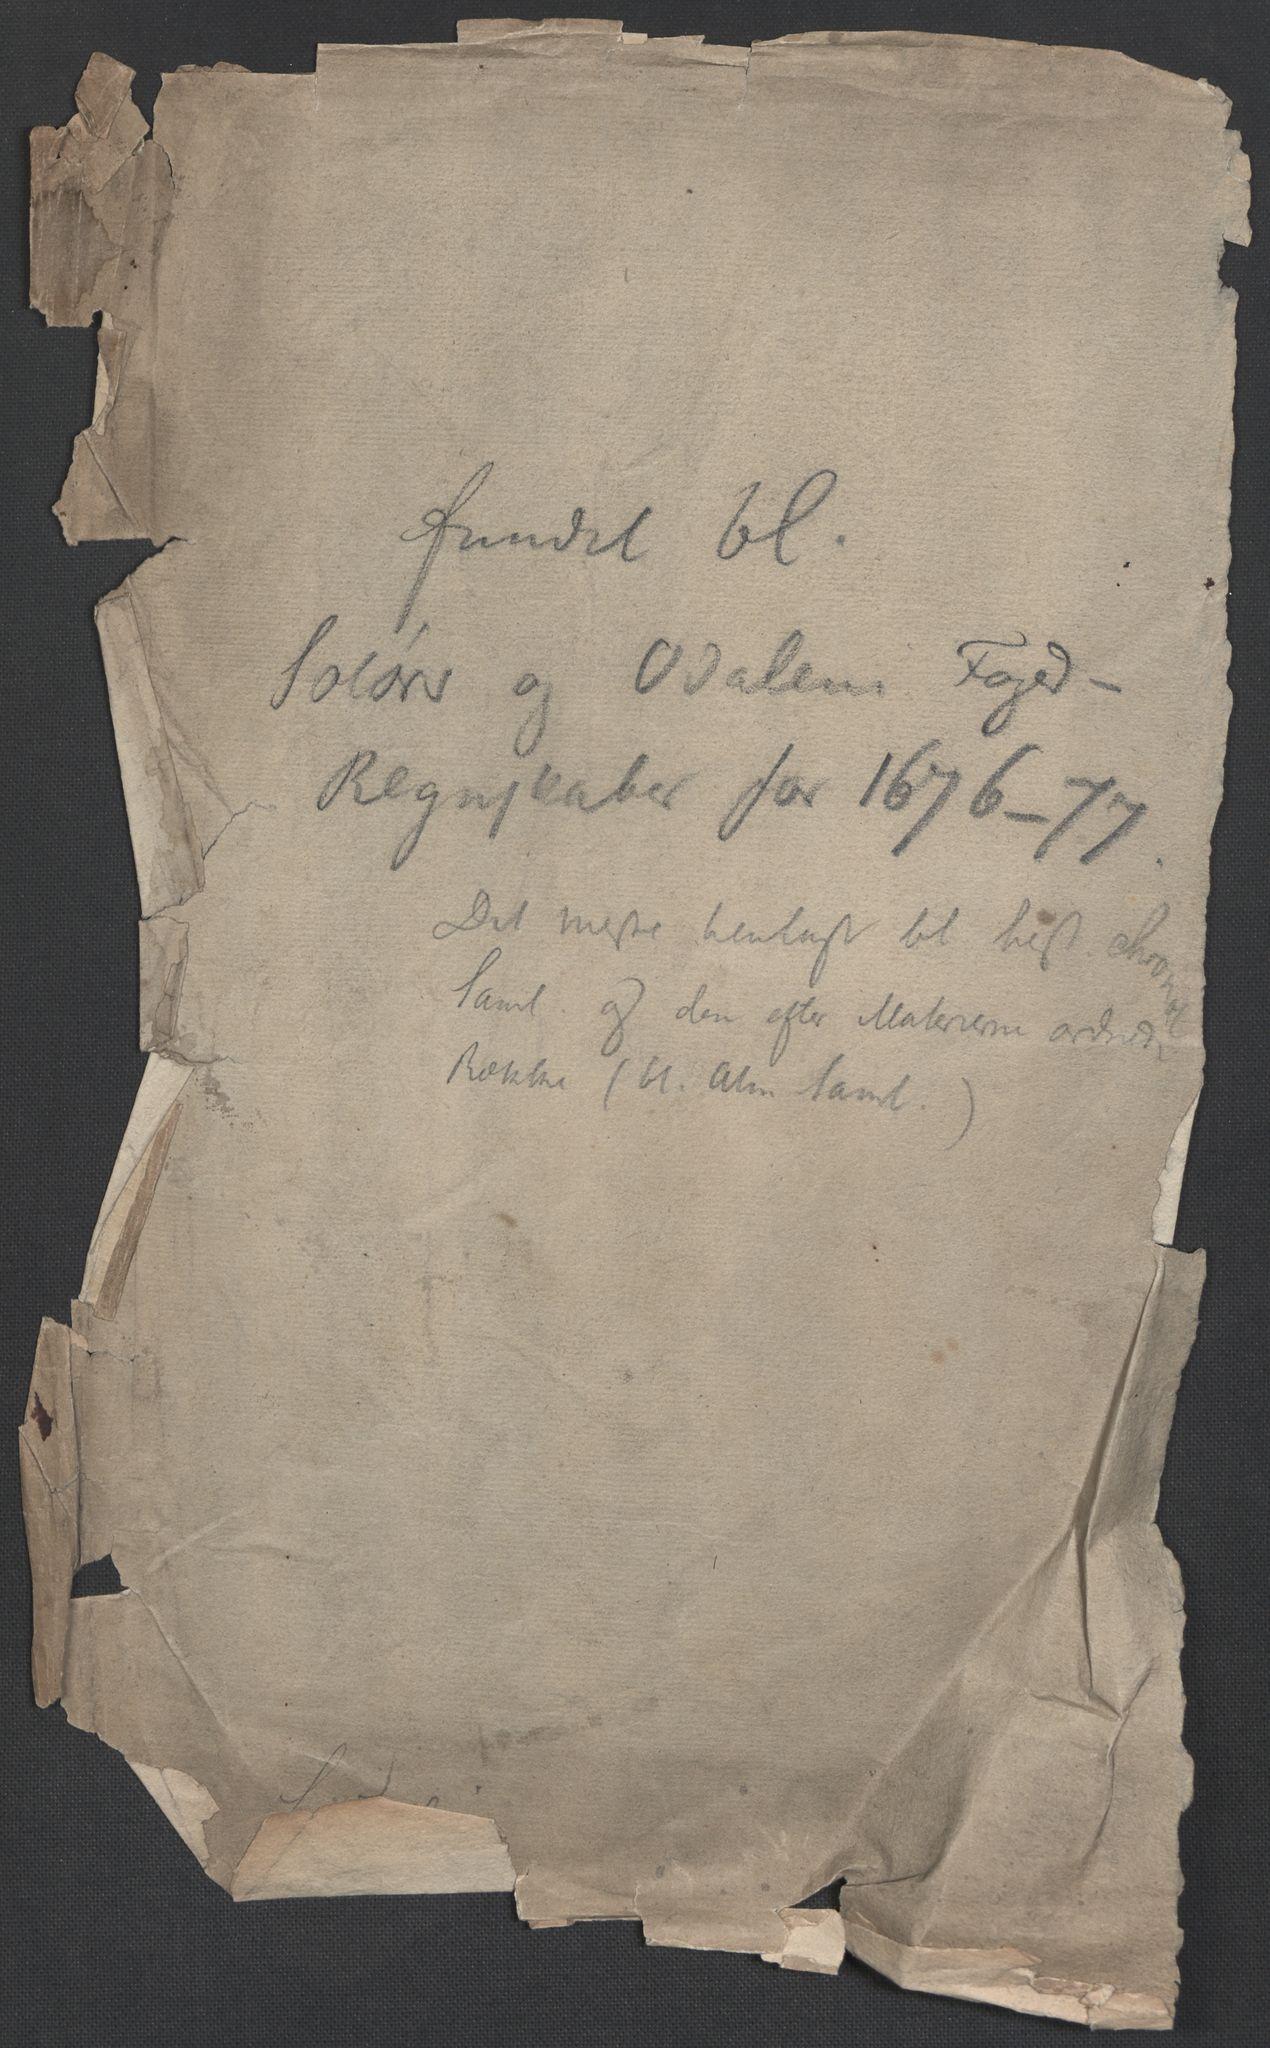 RA, Rentekammeret inntil 1814, Reviderte regnskaper, Fogderegnskap, R13/L0813: Fogderegnskap Solør, Odal og Østerdal, 1677, s. 364